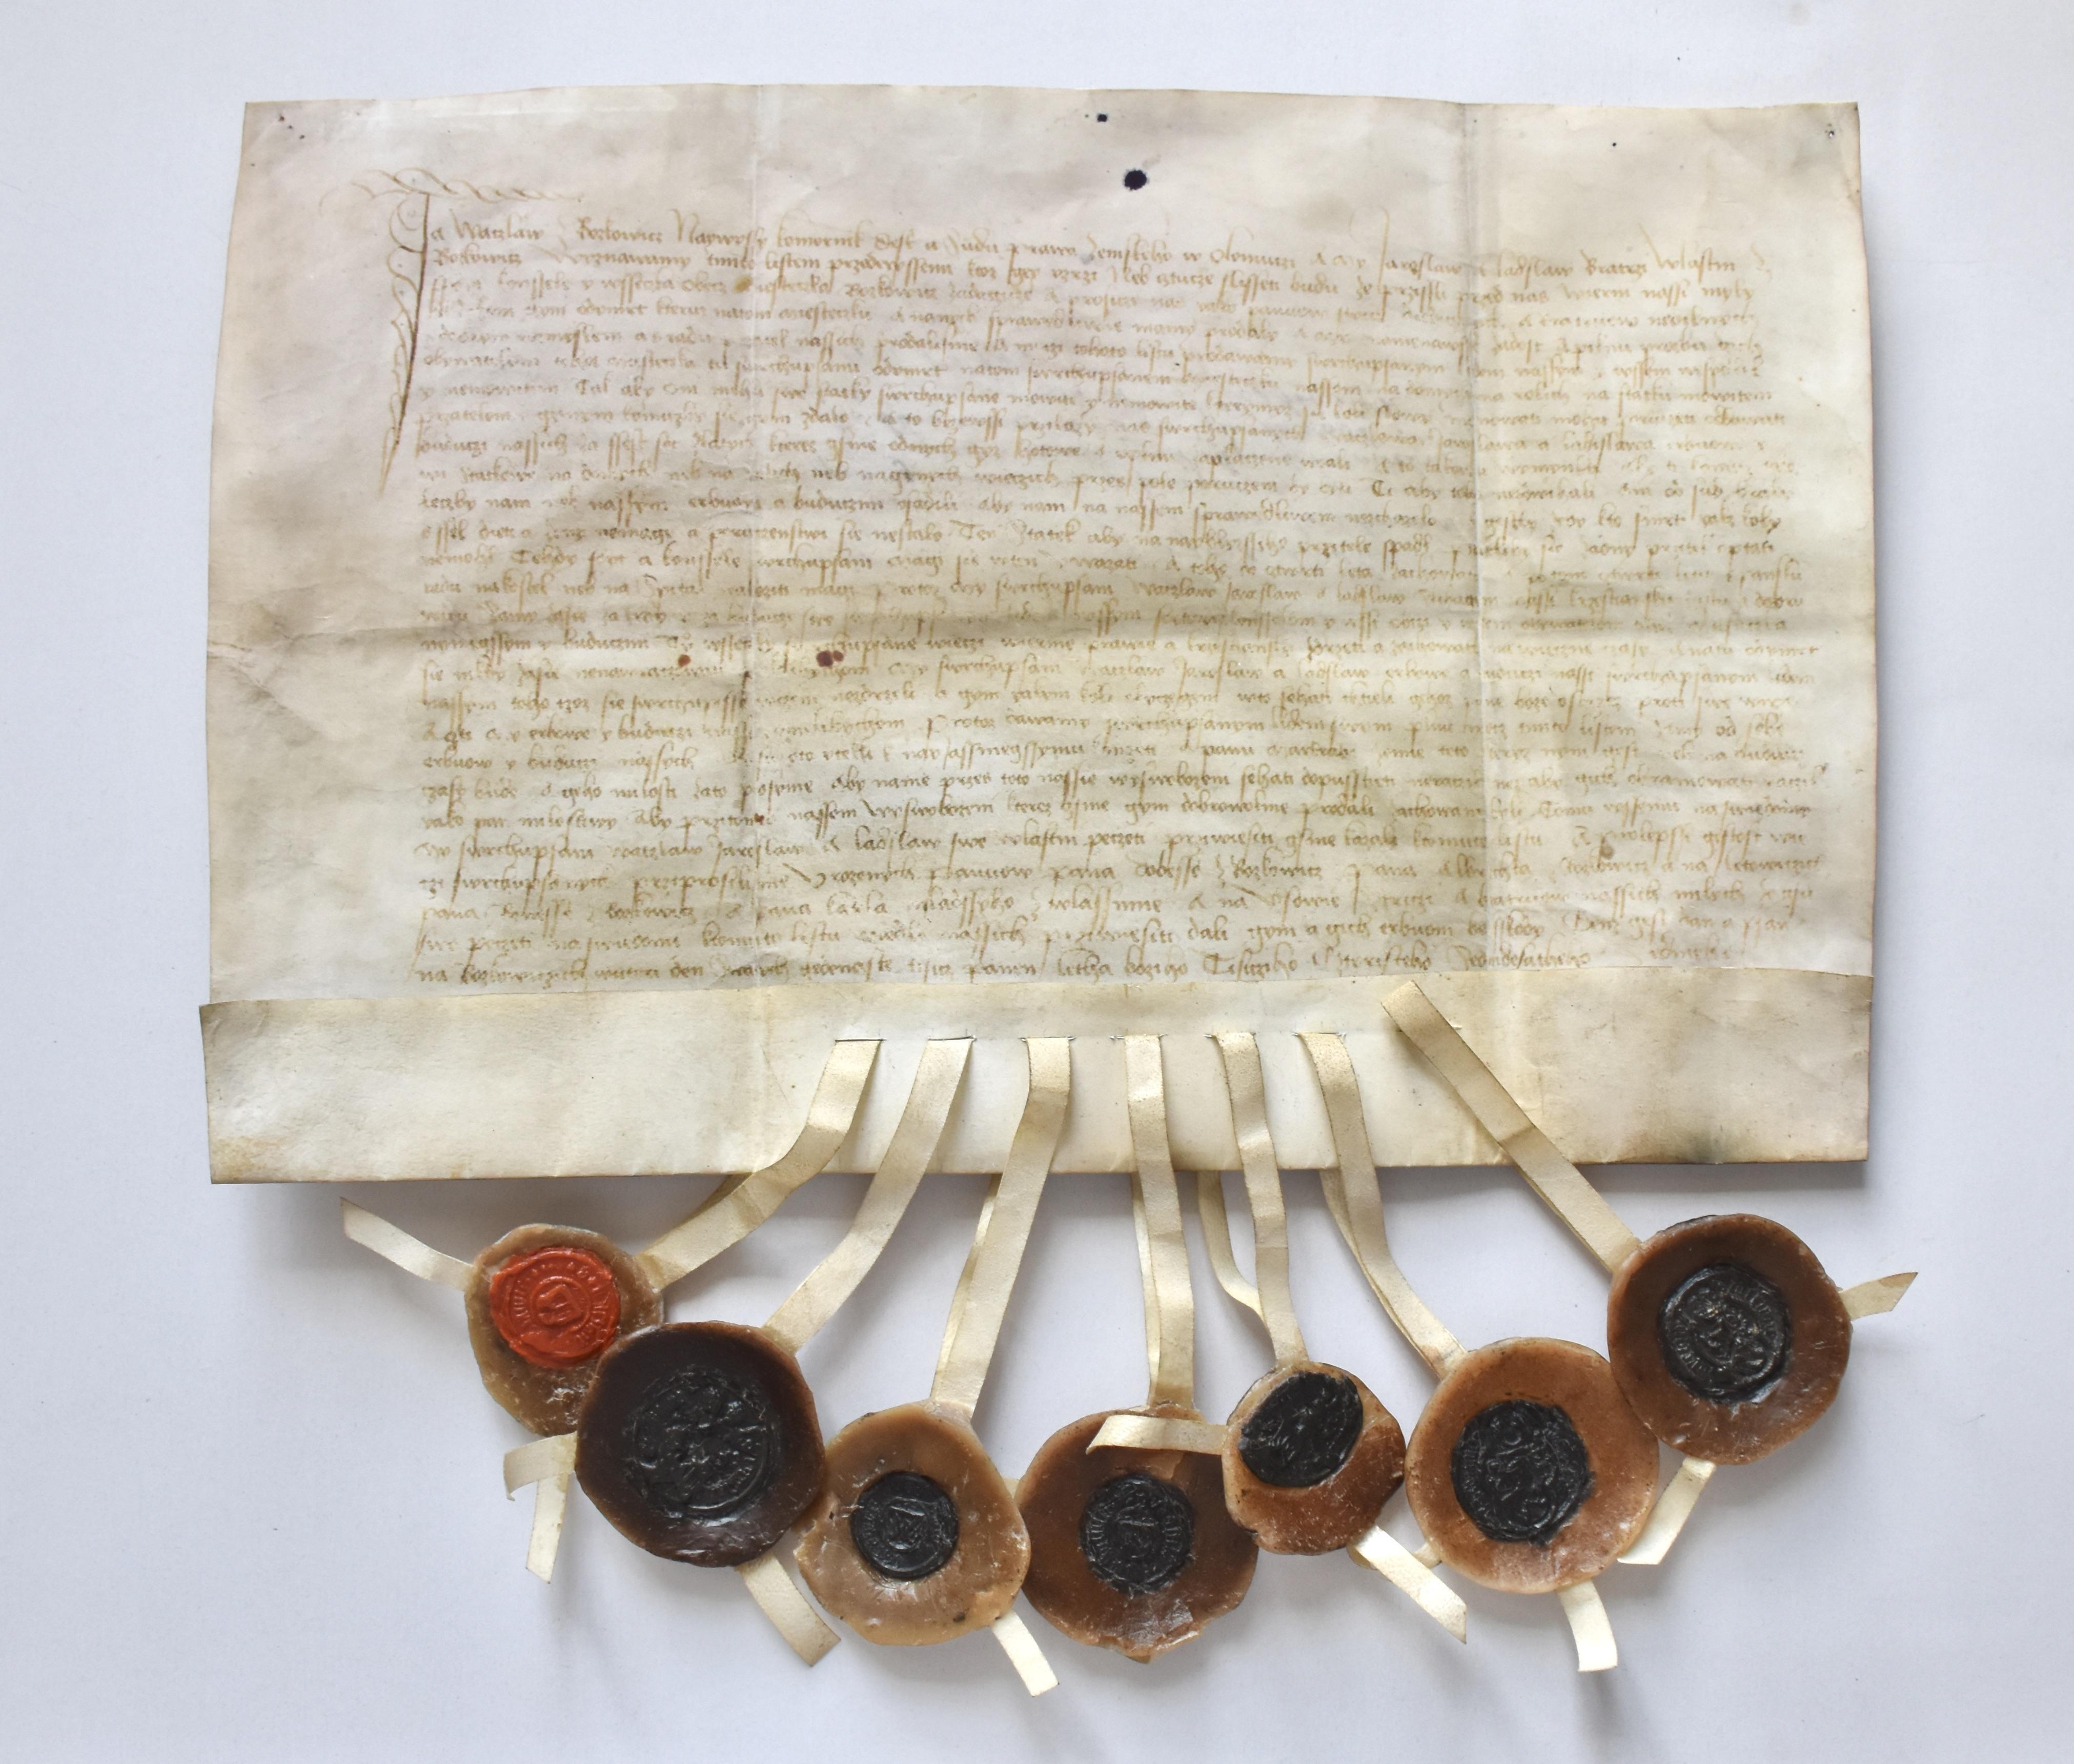 Faksimile listiny z 21. října 1477, kterou pro městečko Boskovice vydal Václav z Boskovic a spolupečetili jeho synové Jaroslav a Ladislav